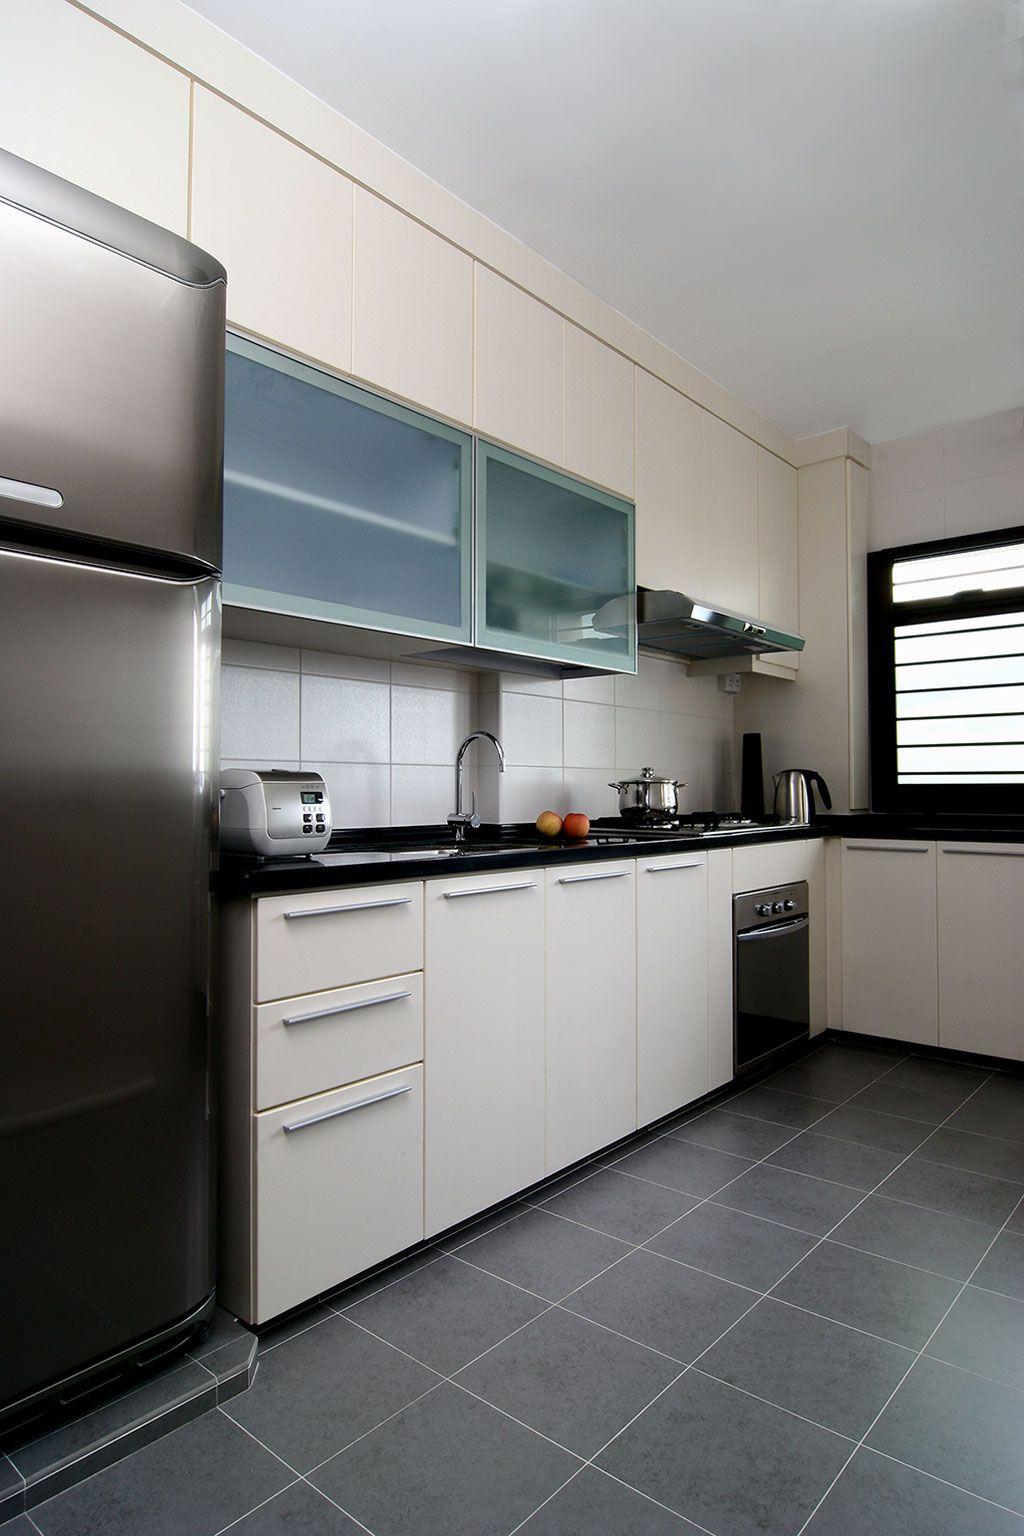 stirling hdb kitchen interior design jpg 1 024 1 536 pixels interior design kitchen kitchen on kitchen ideas singapore id=97451